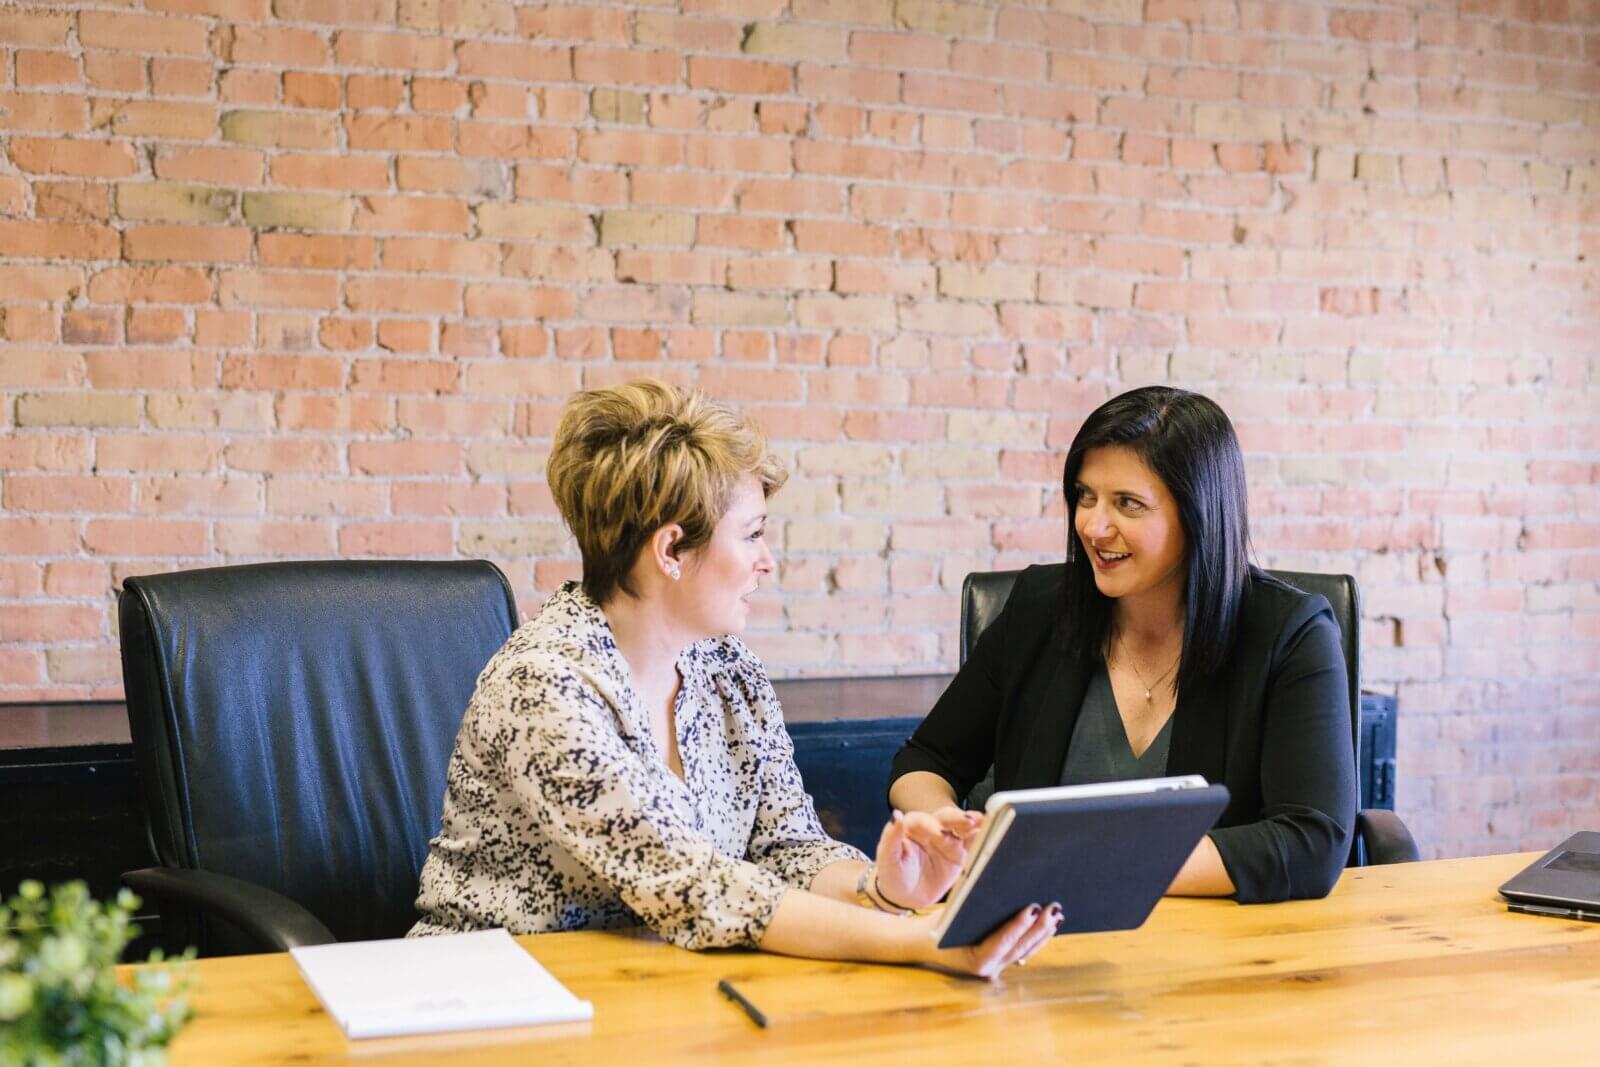 Как поменять профессию: даже в 30 + 40 лет